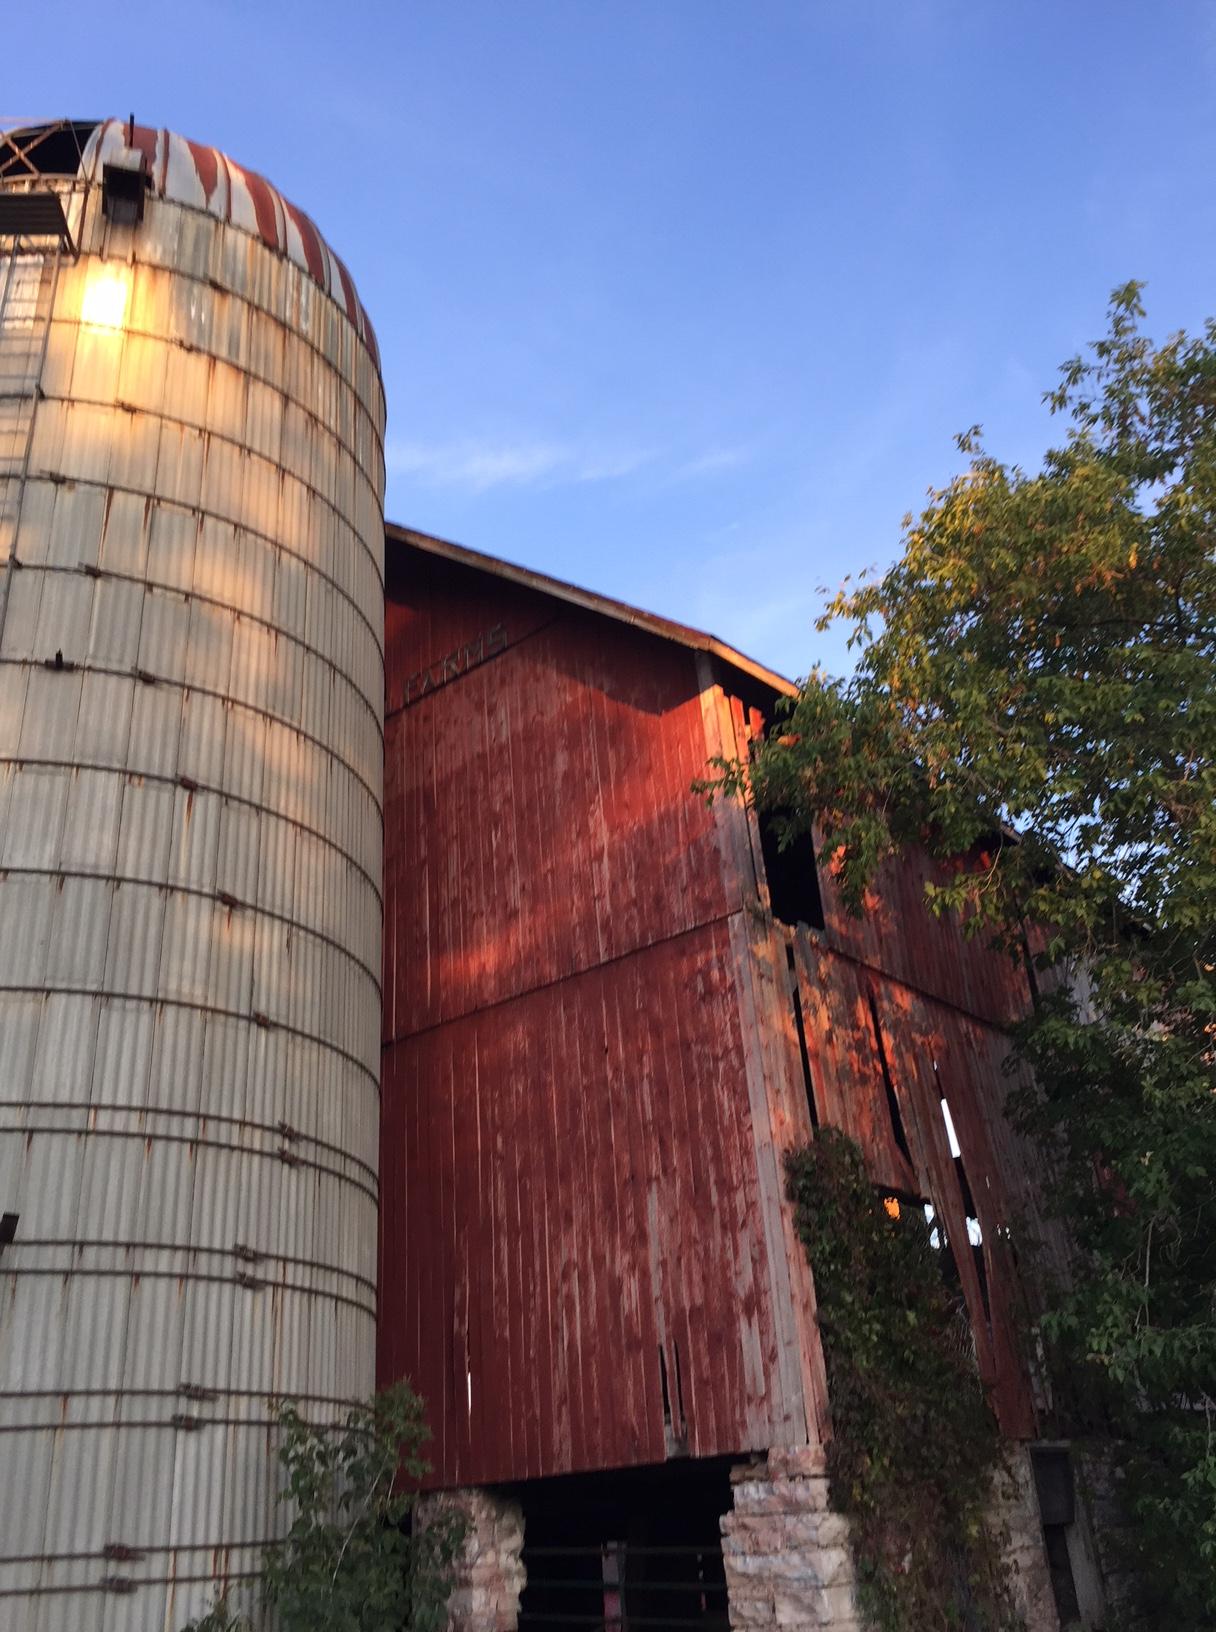 barn silo